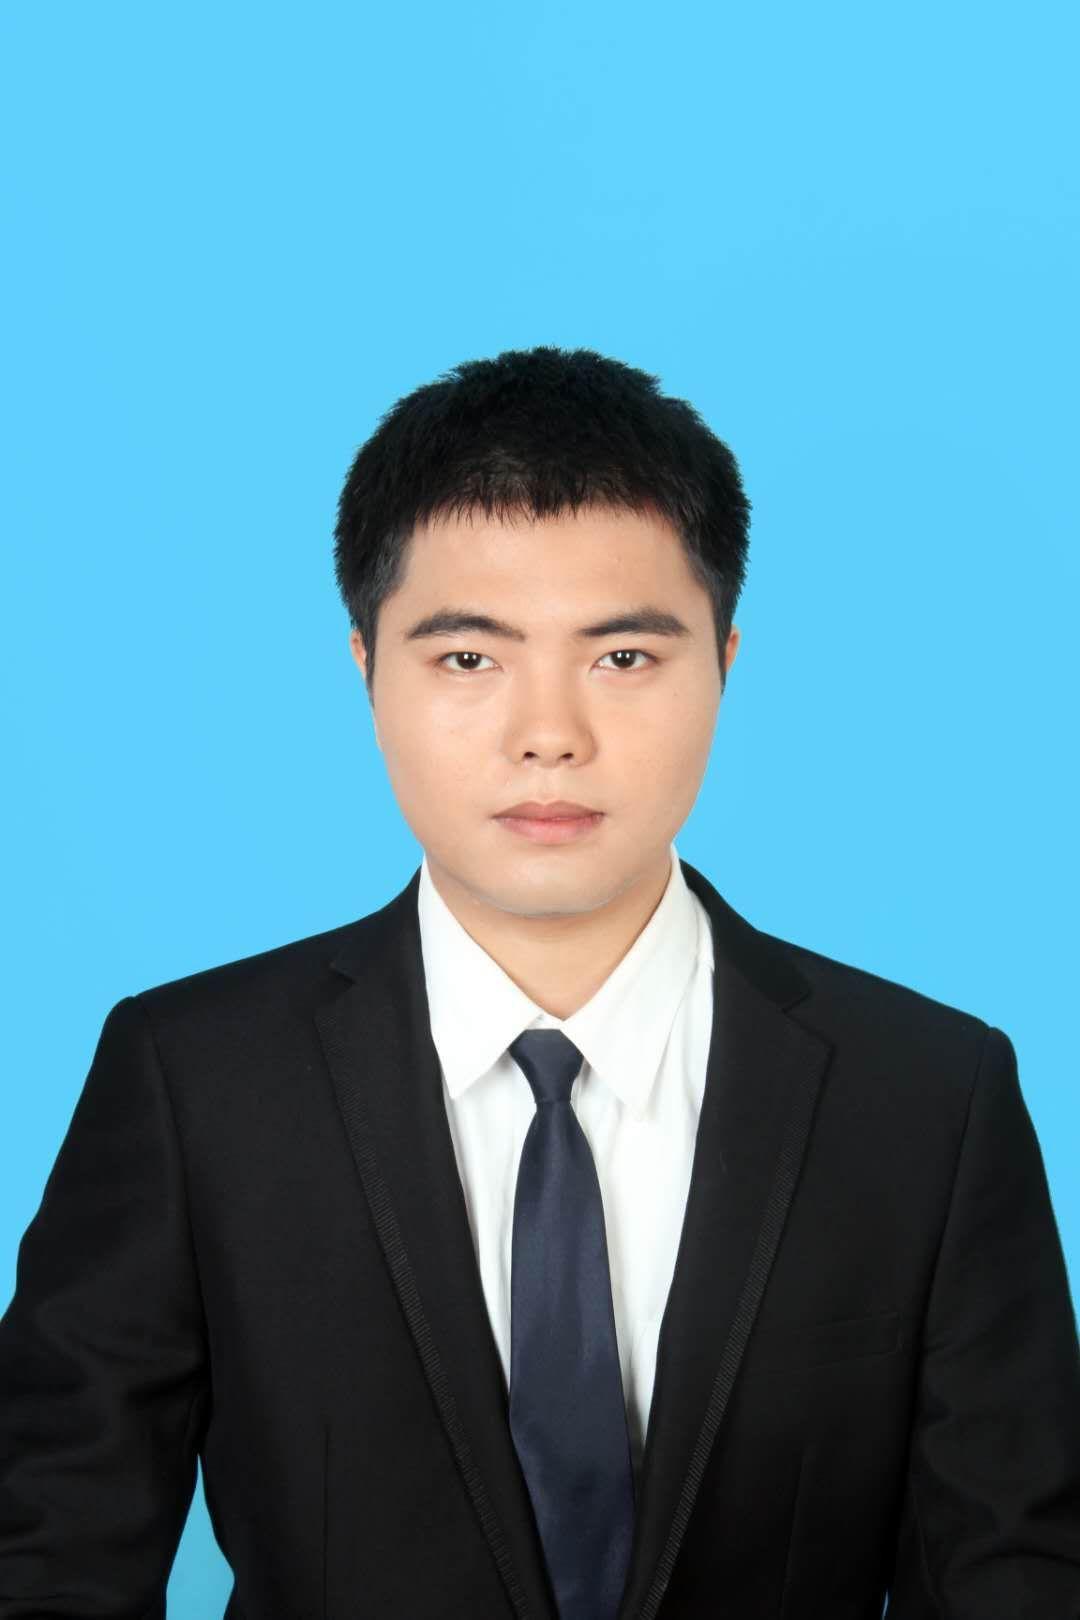 上海家教姚老师